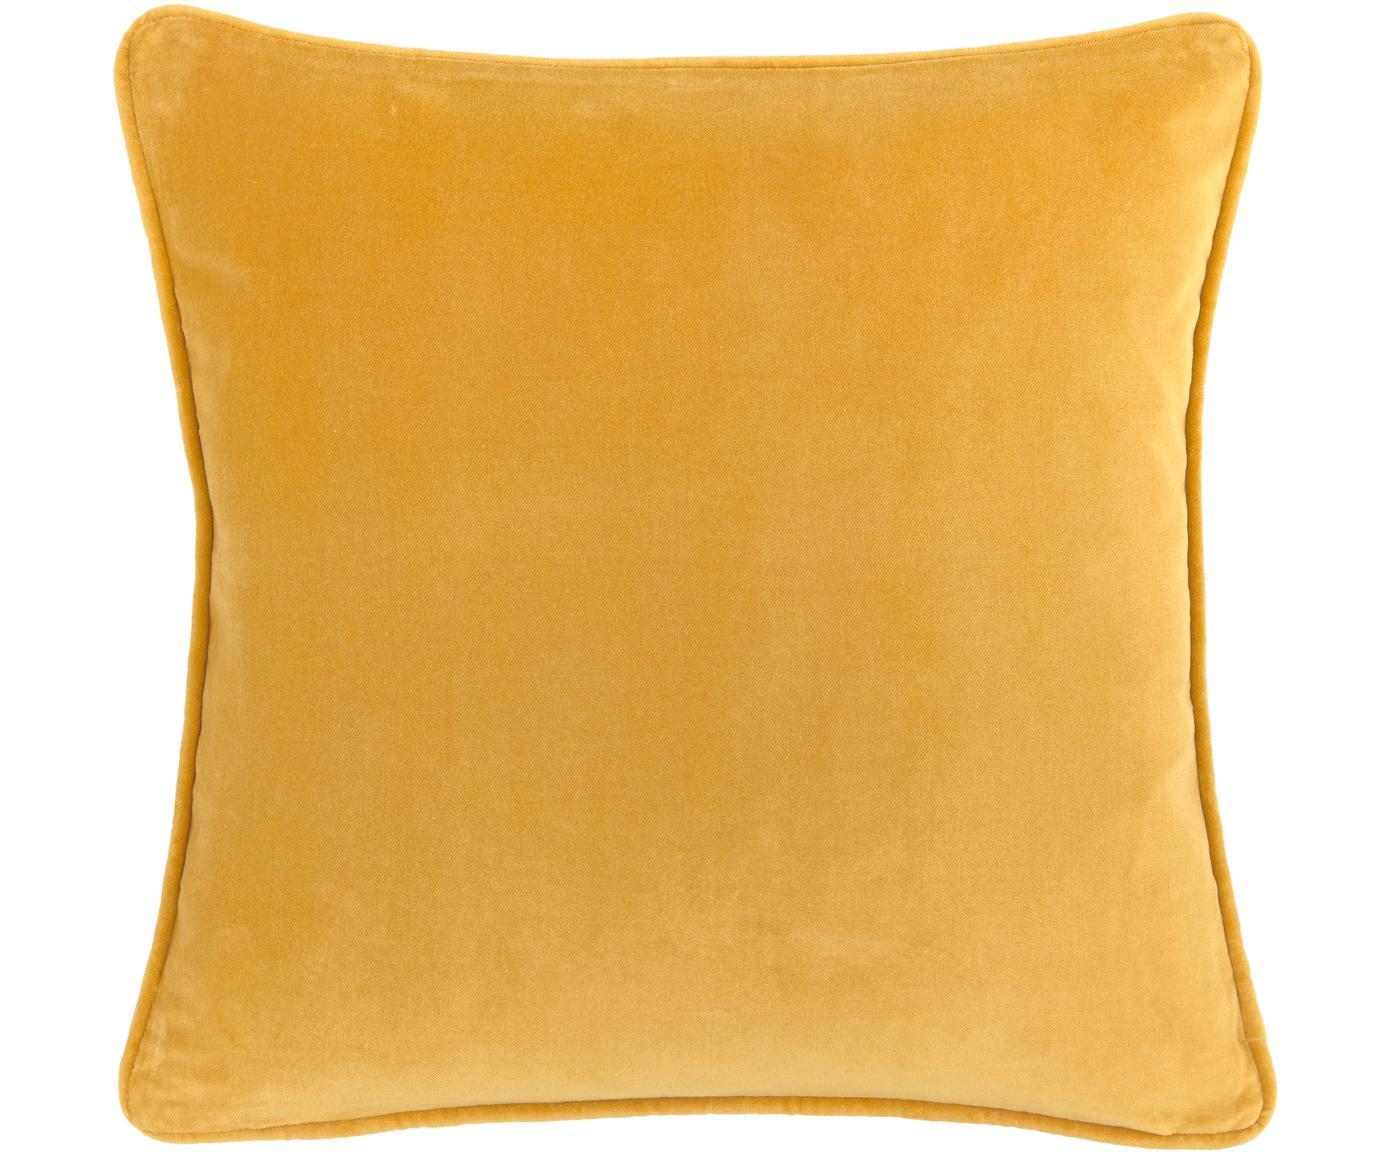 Poszewka na poduszkę z aksamitu Dana, Aksamit bawełniany, Ochrowy, S 40 x D 40 cm